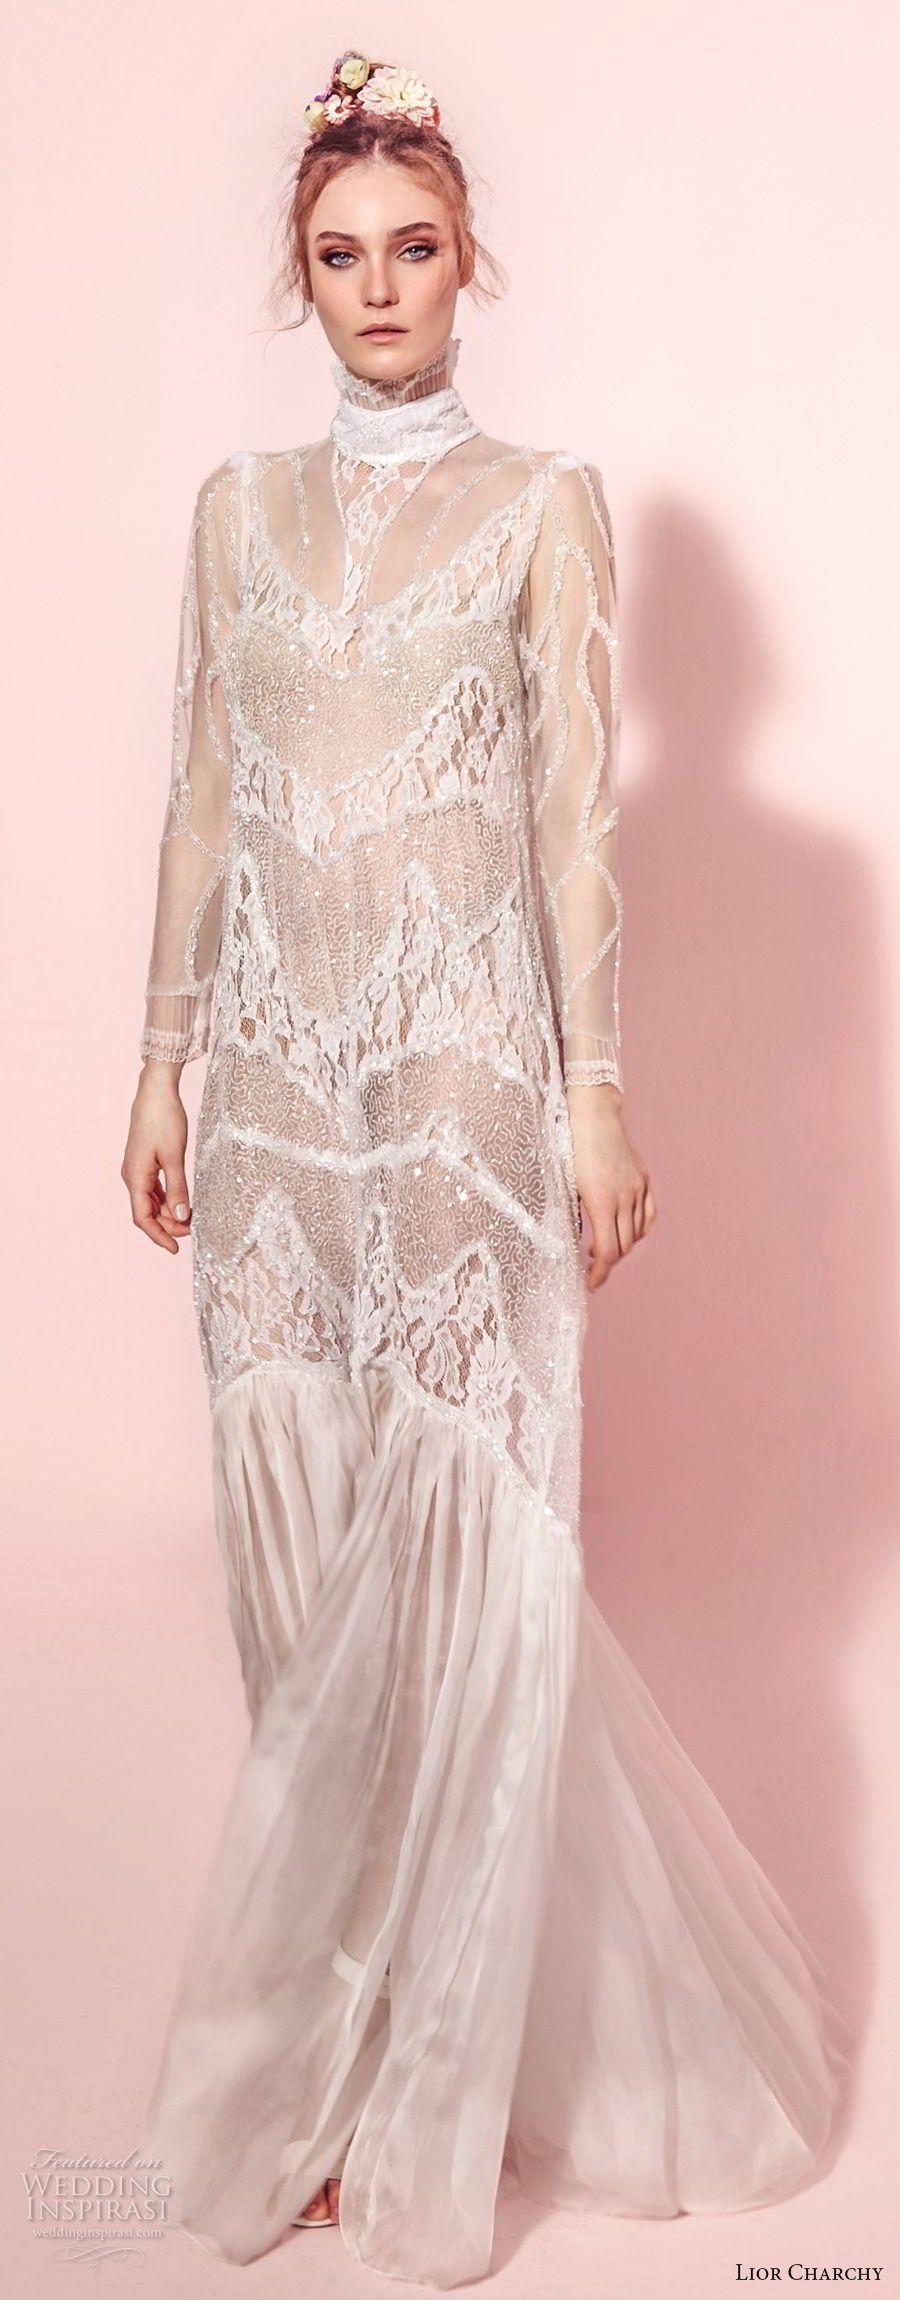 Lior Charchy Spring 2017 Wedding Dresses | Vestidos de novia, De ...